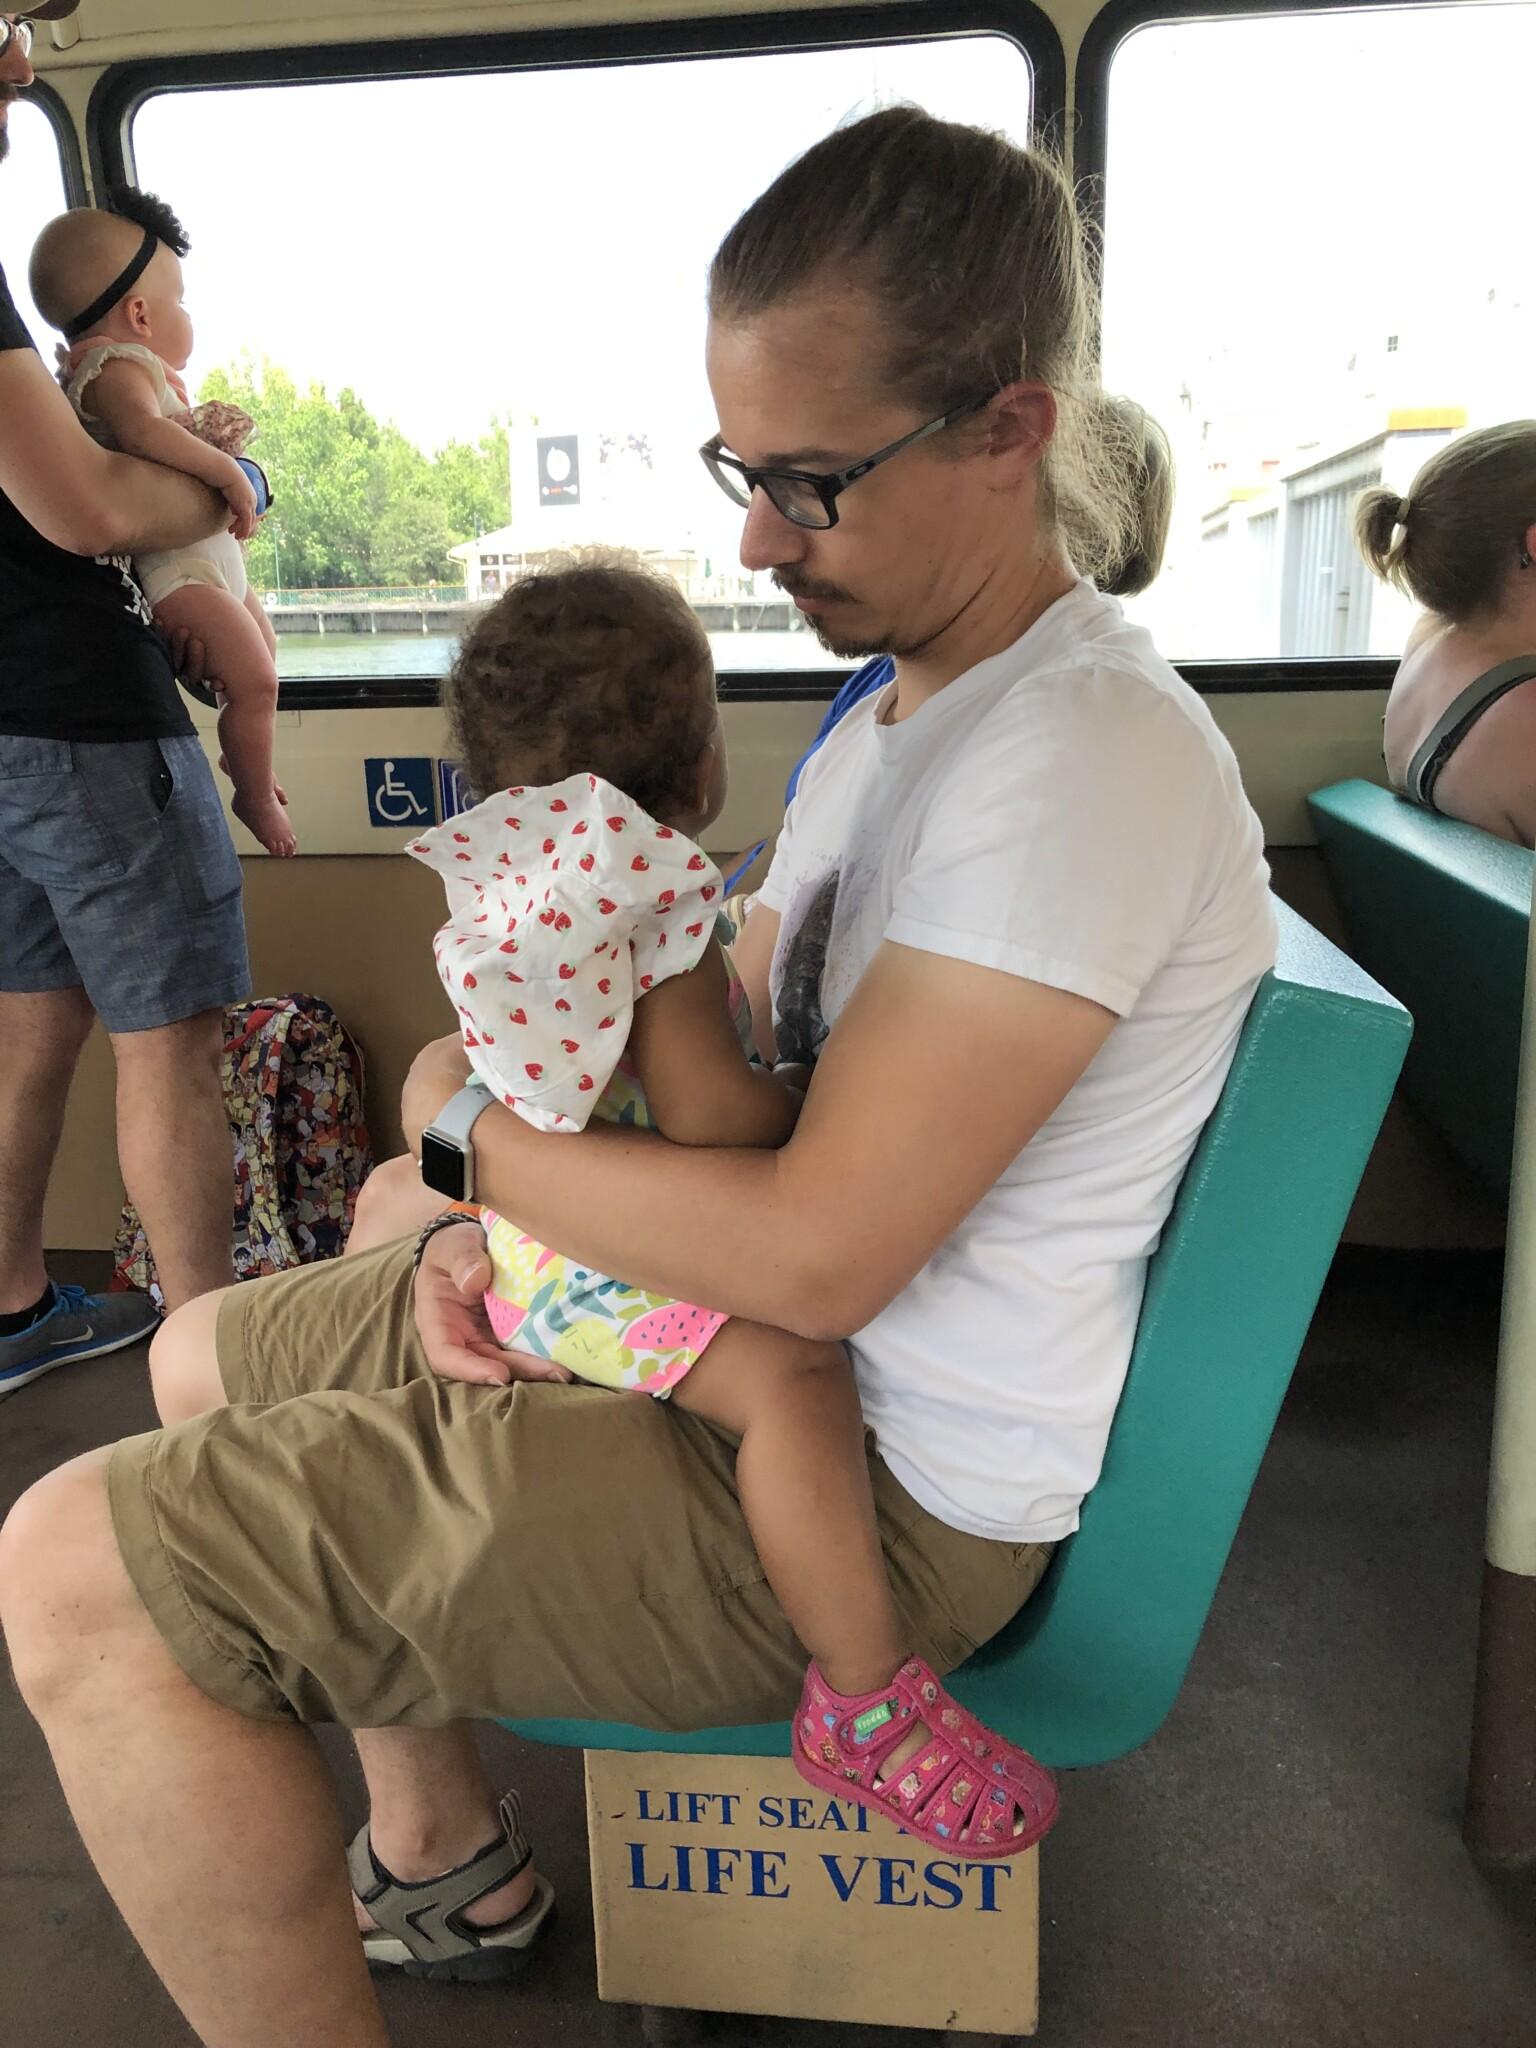 2 semaines en Floride avec un bébé de 1 an - Séjour du 2 au 16 mai 2019 DCL + WDW - Page 18 IMG_1335-1536x2048